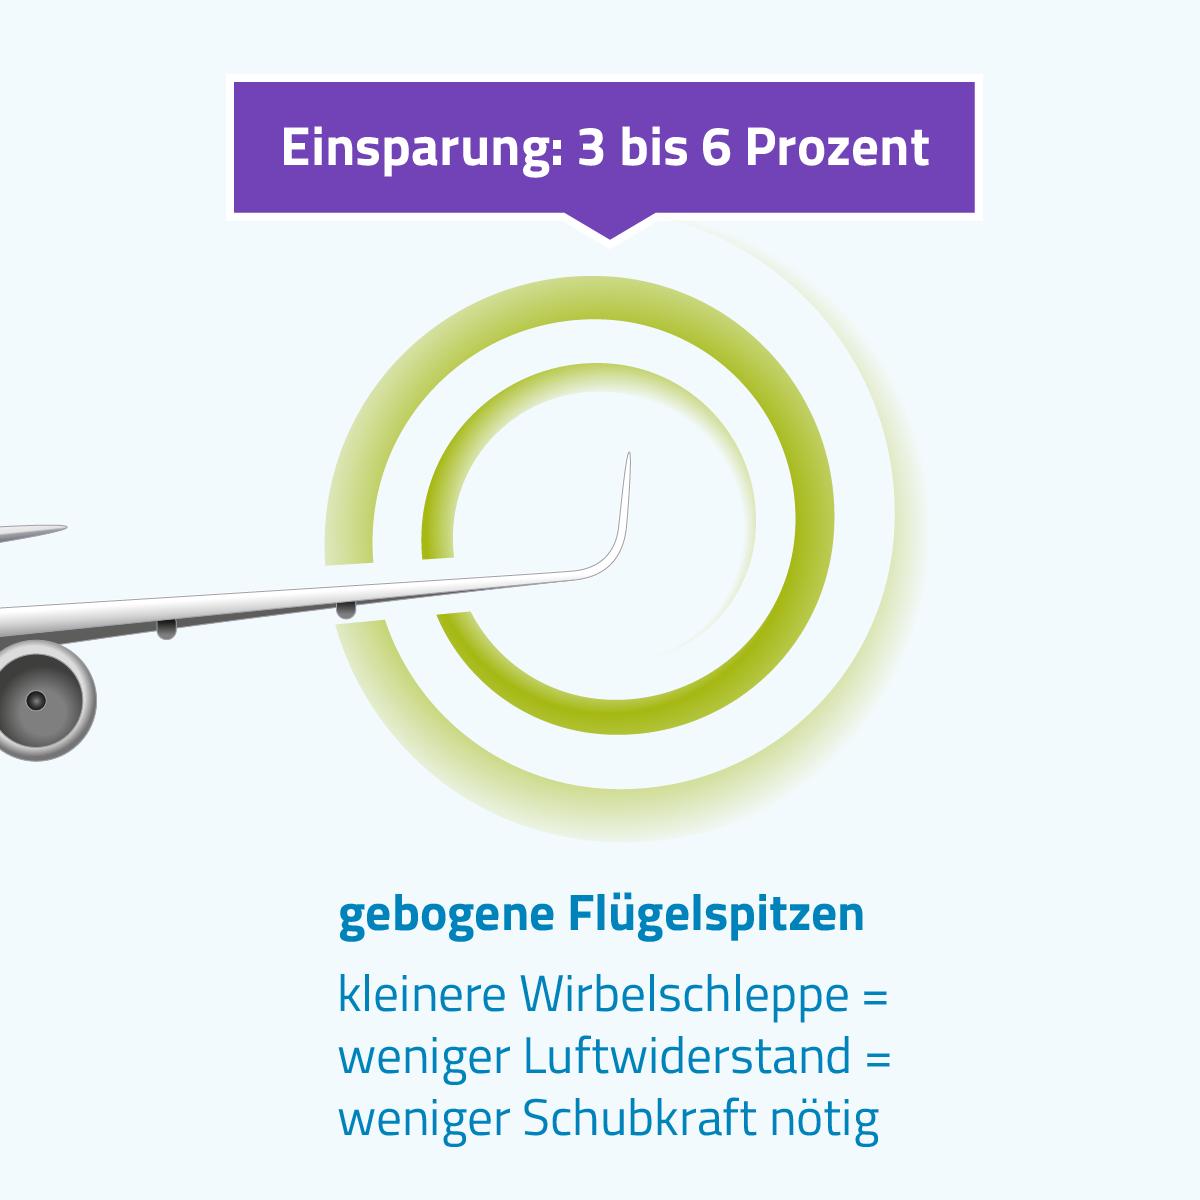 Neue Flugzeugtypen verfügen über gebogene Flügelspitzen. Durch kleinere Wirbelschleppe, geringeren Luftwiderstand ist weniger Schubkraft nötig. So sparen Flugzeuge drei bis sechs Prozent Kerosin ein.